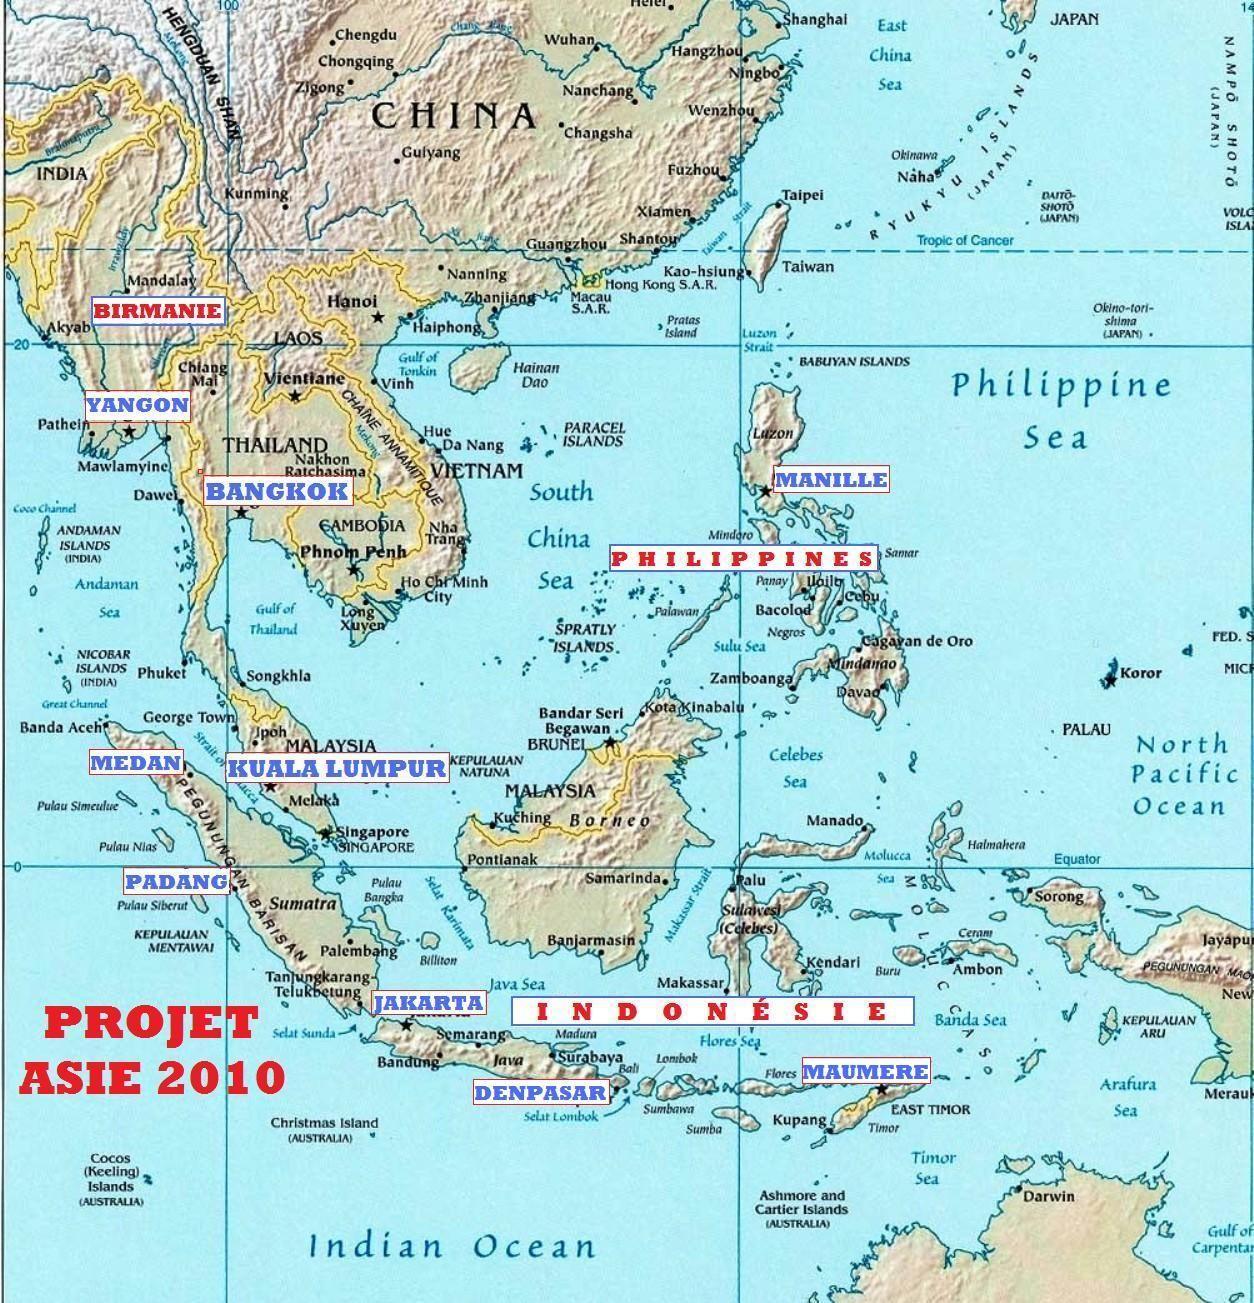 asie du sud est   cartes géographiques   Pinterest